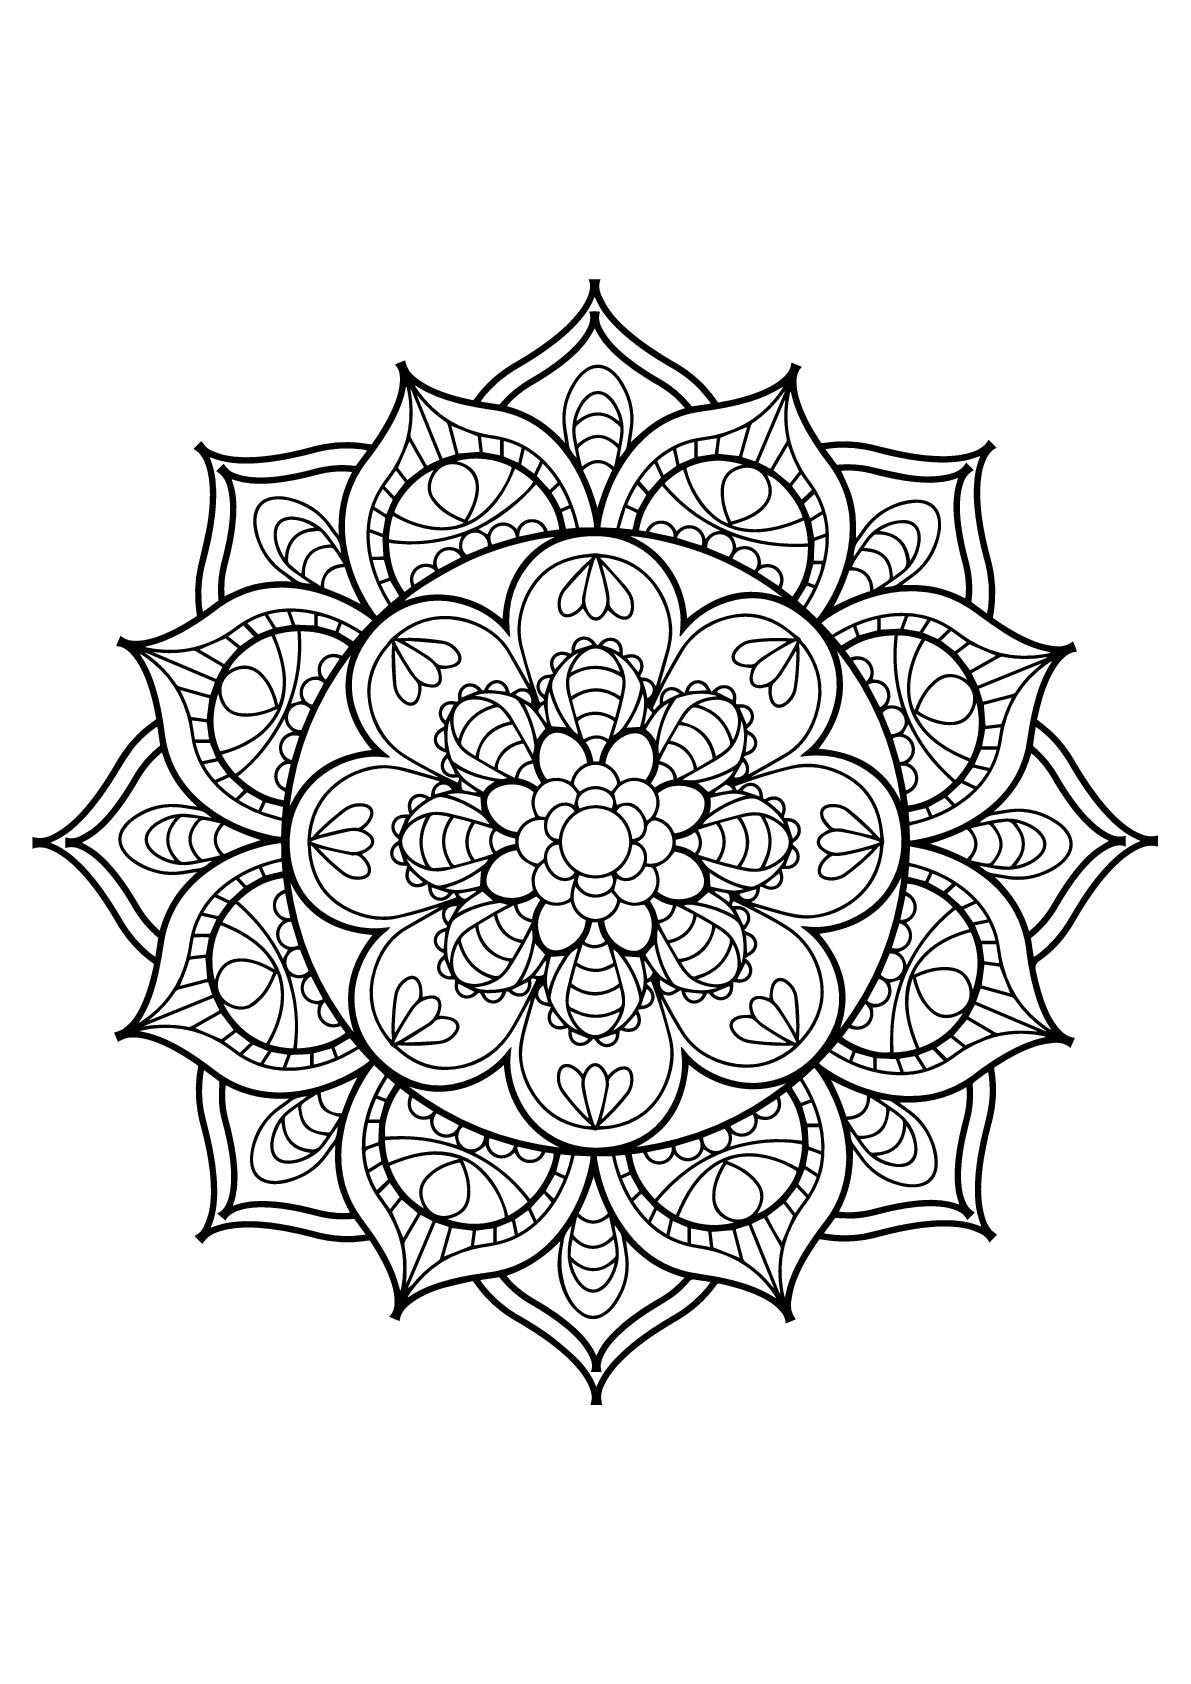 Disegni da colorare per adulti : Mandalas - 11